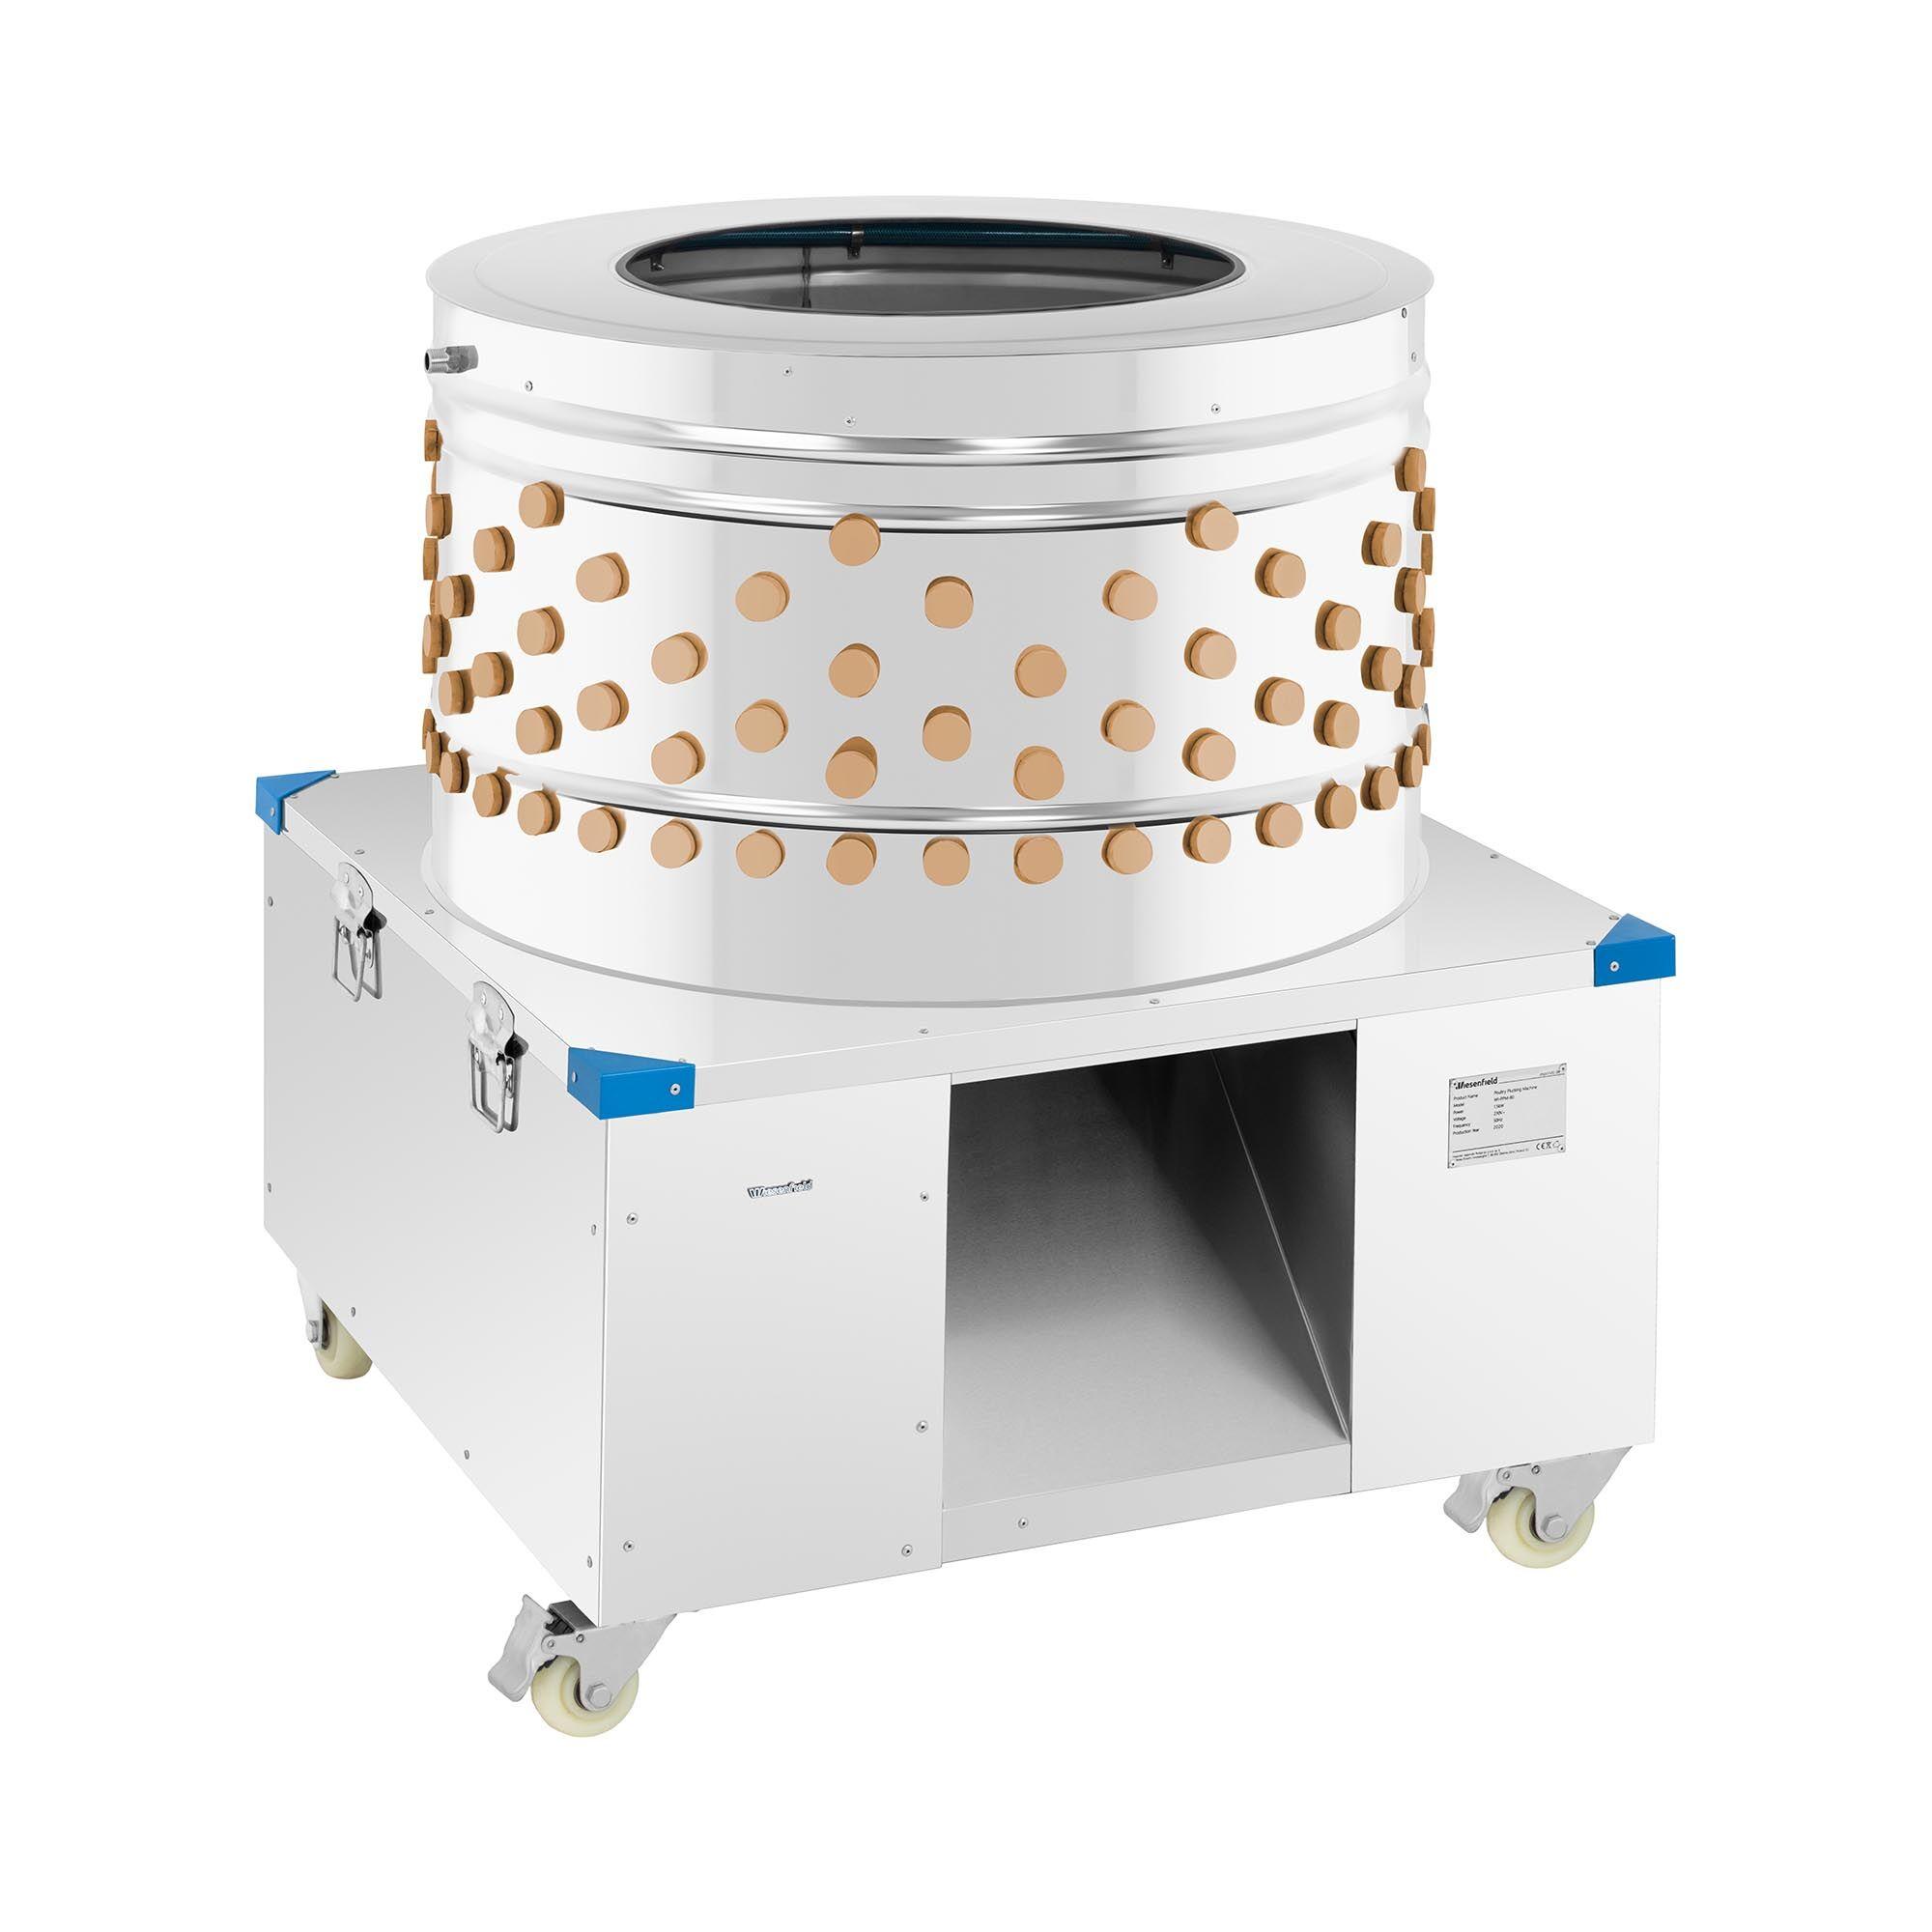 Wiesenfield Plumeuse - 2 200 W - 900 kg/h